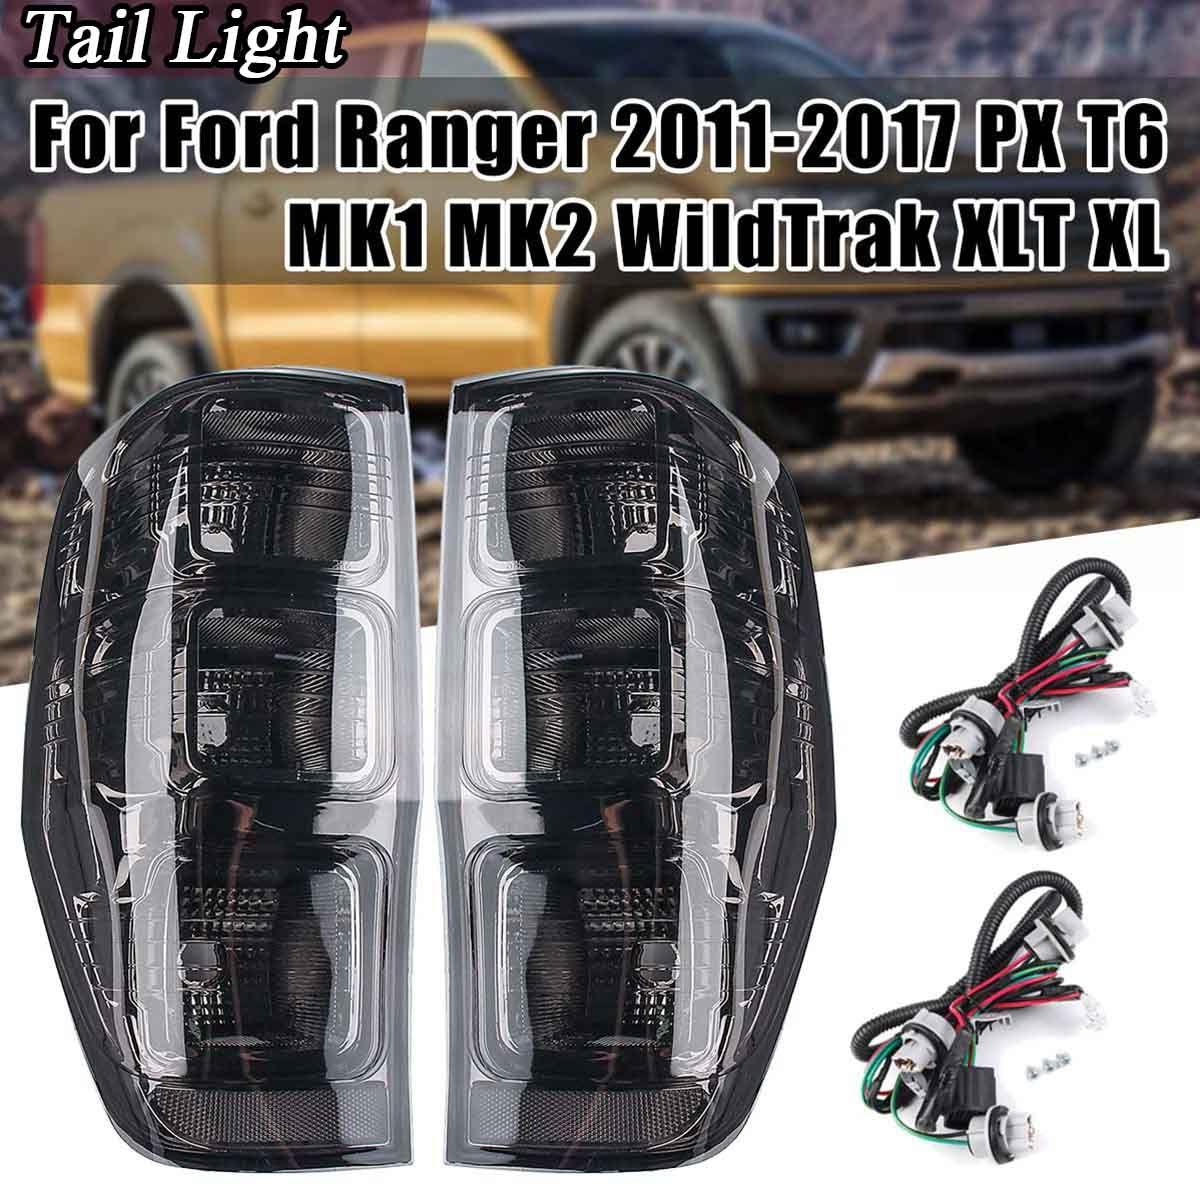 2 Pcs Auto Rauch Rückleuchten für Ford Ranger PX T6 MK1 MK2 WildTrak XLT XL XLS 2011-2018 rücklicht Seite Bremse Hinten Lampe Styling